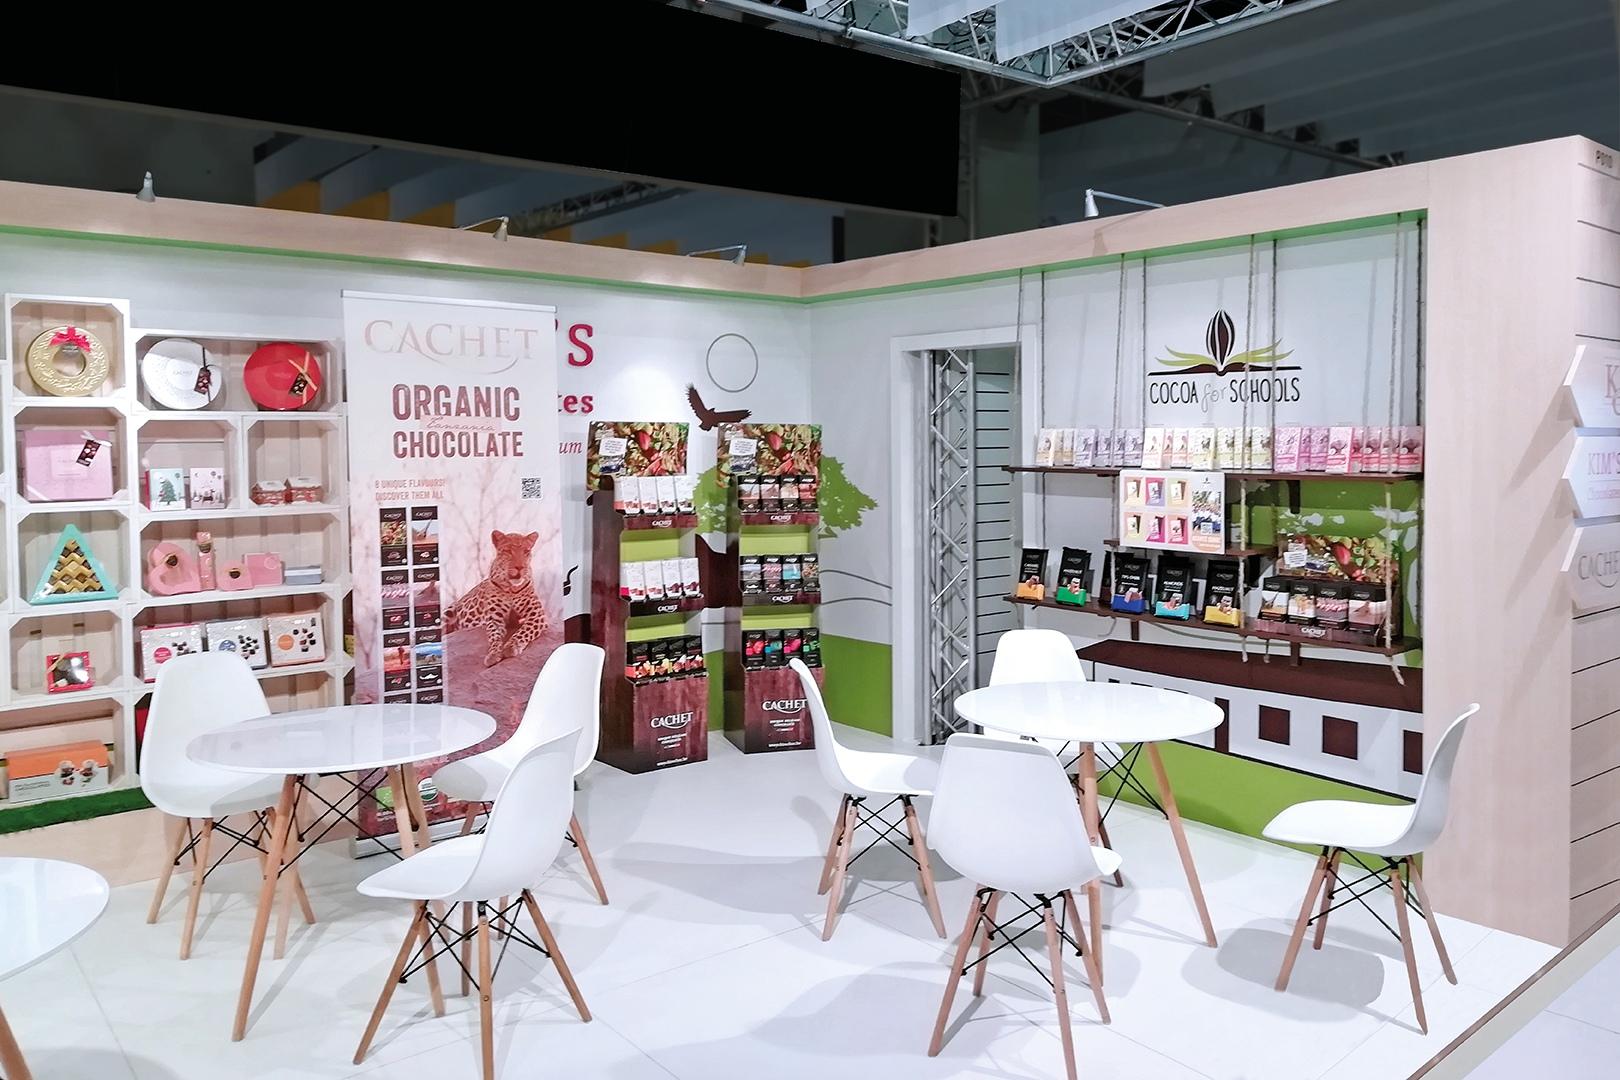 стенд компанії Kim's Chocolate на виставці у Кельні